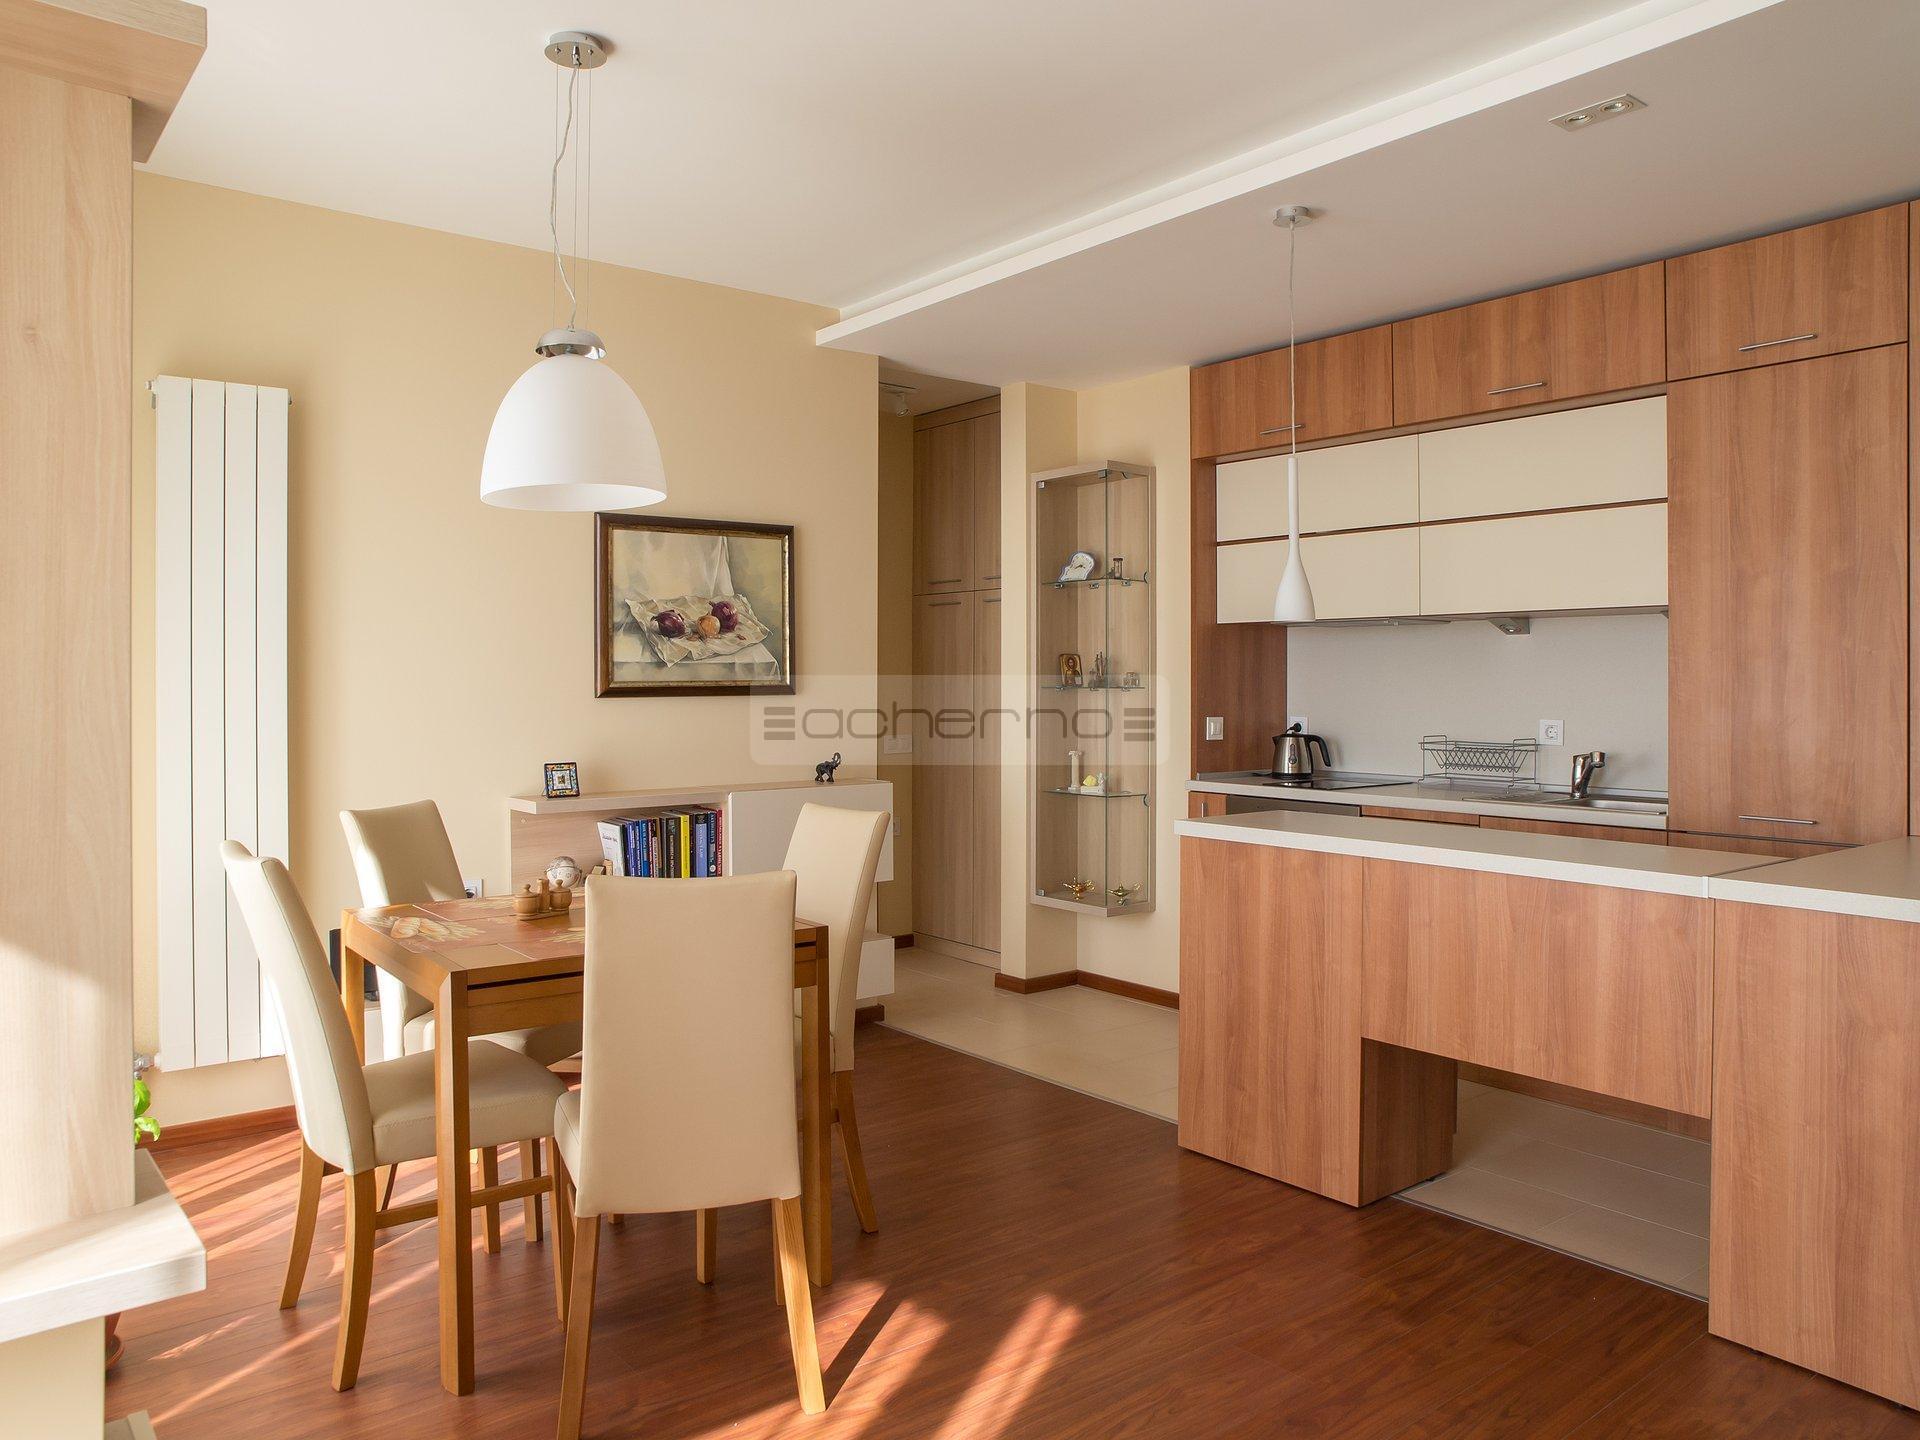 Acherno - Raumgestaltung Wohnung Schlichte Eleganz in Orange